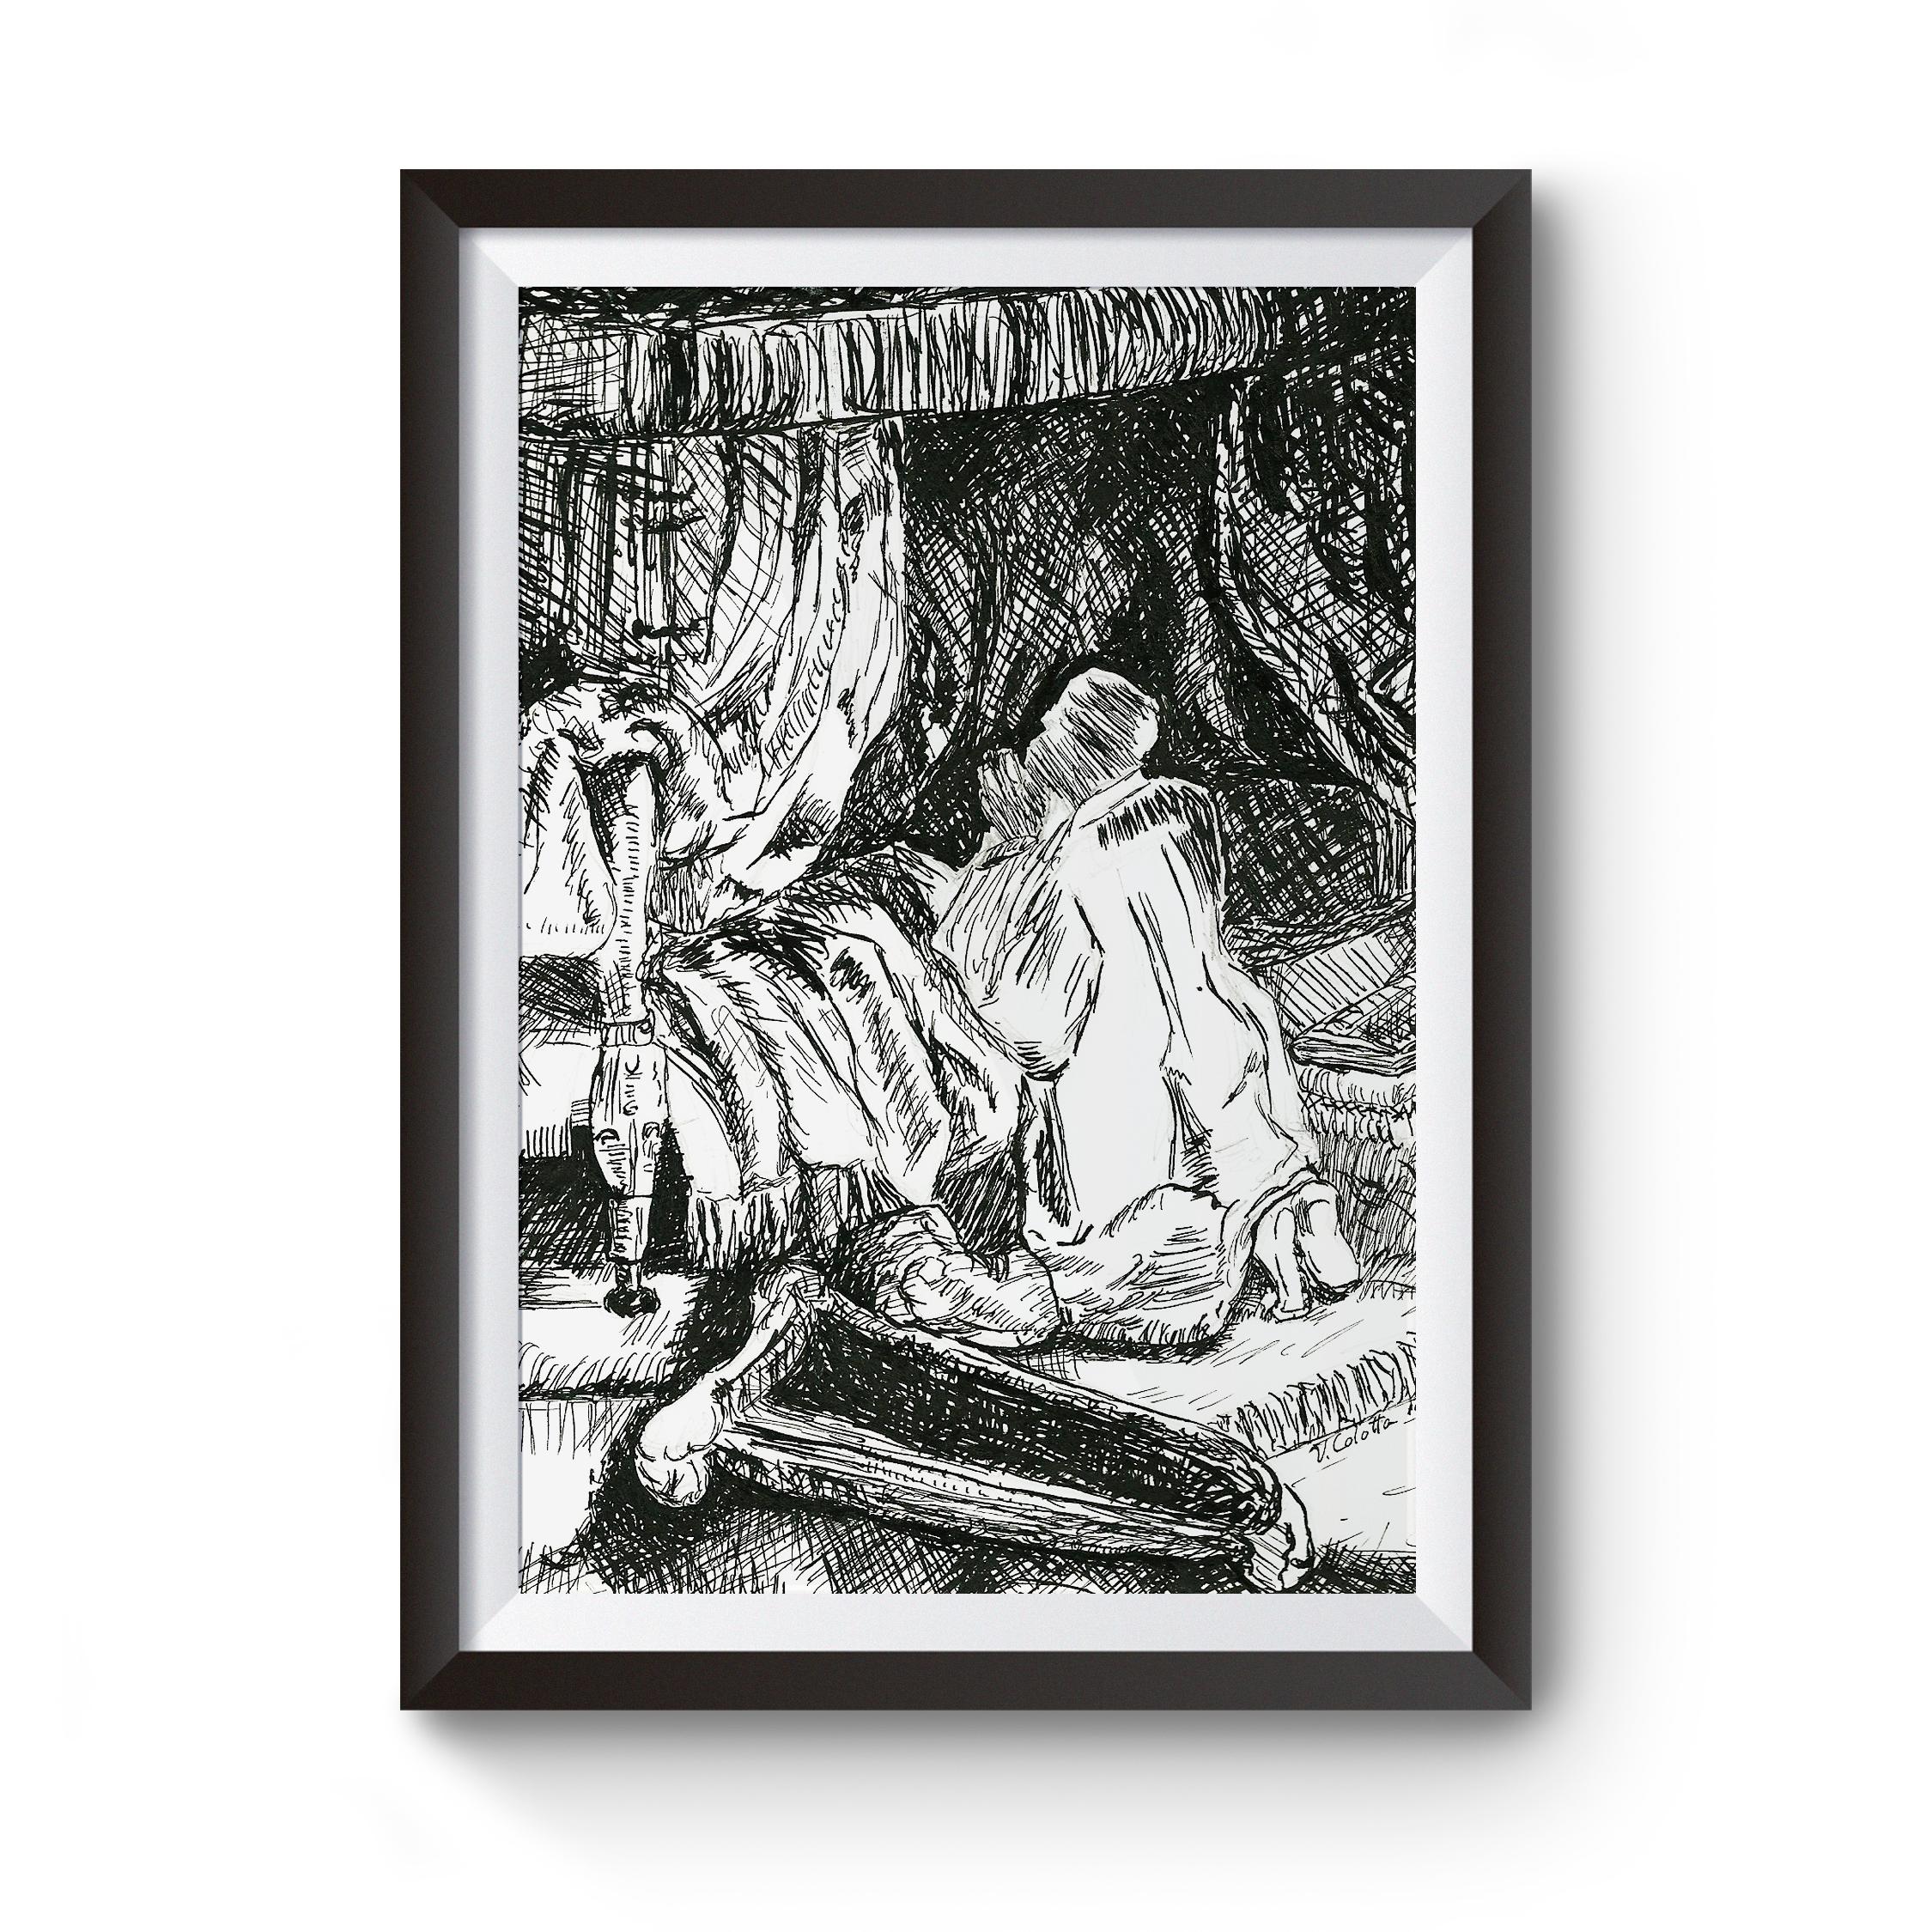 rembrant_ink_artwork.jpg